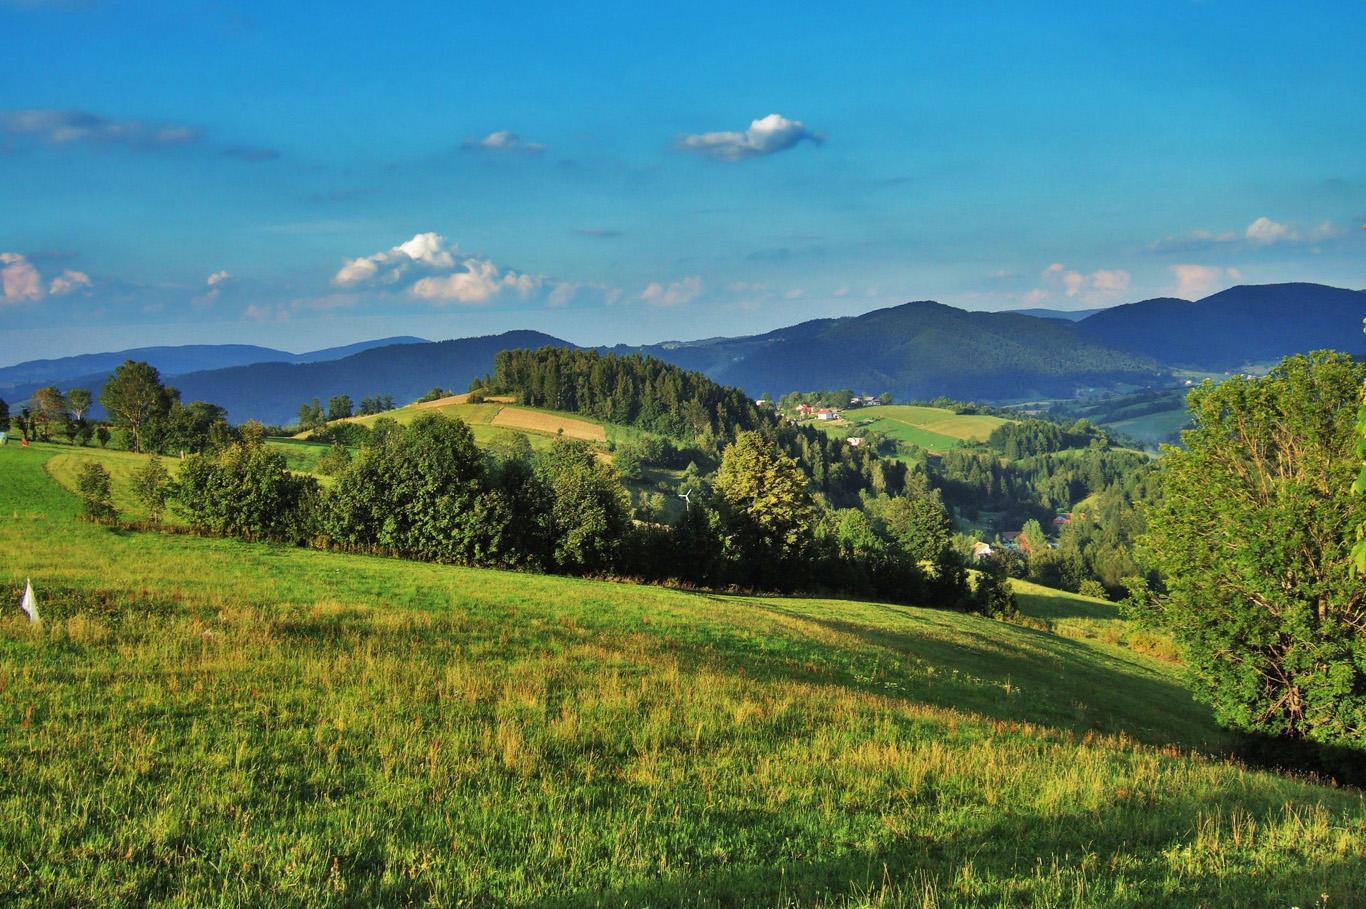 Typical scenery of Beskid Sadecki